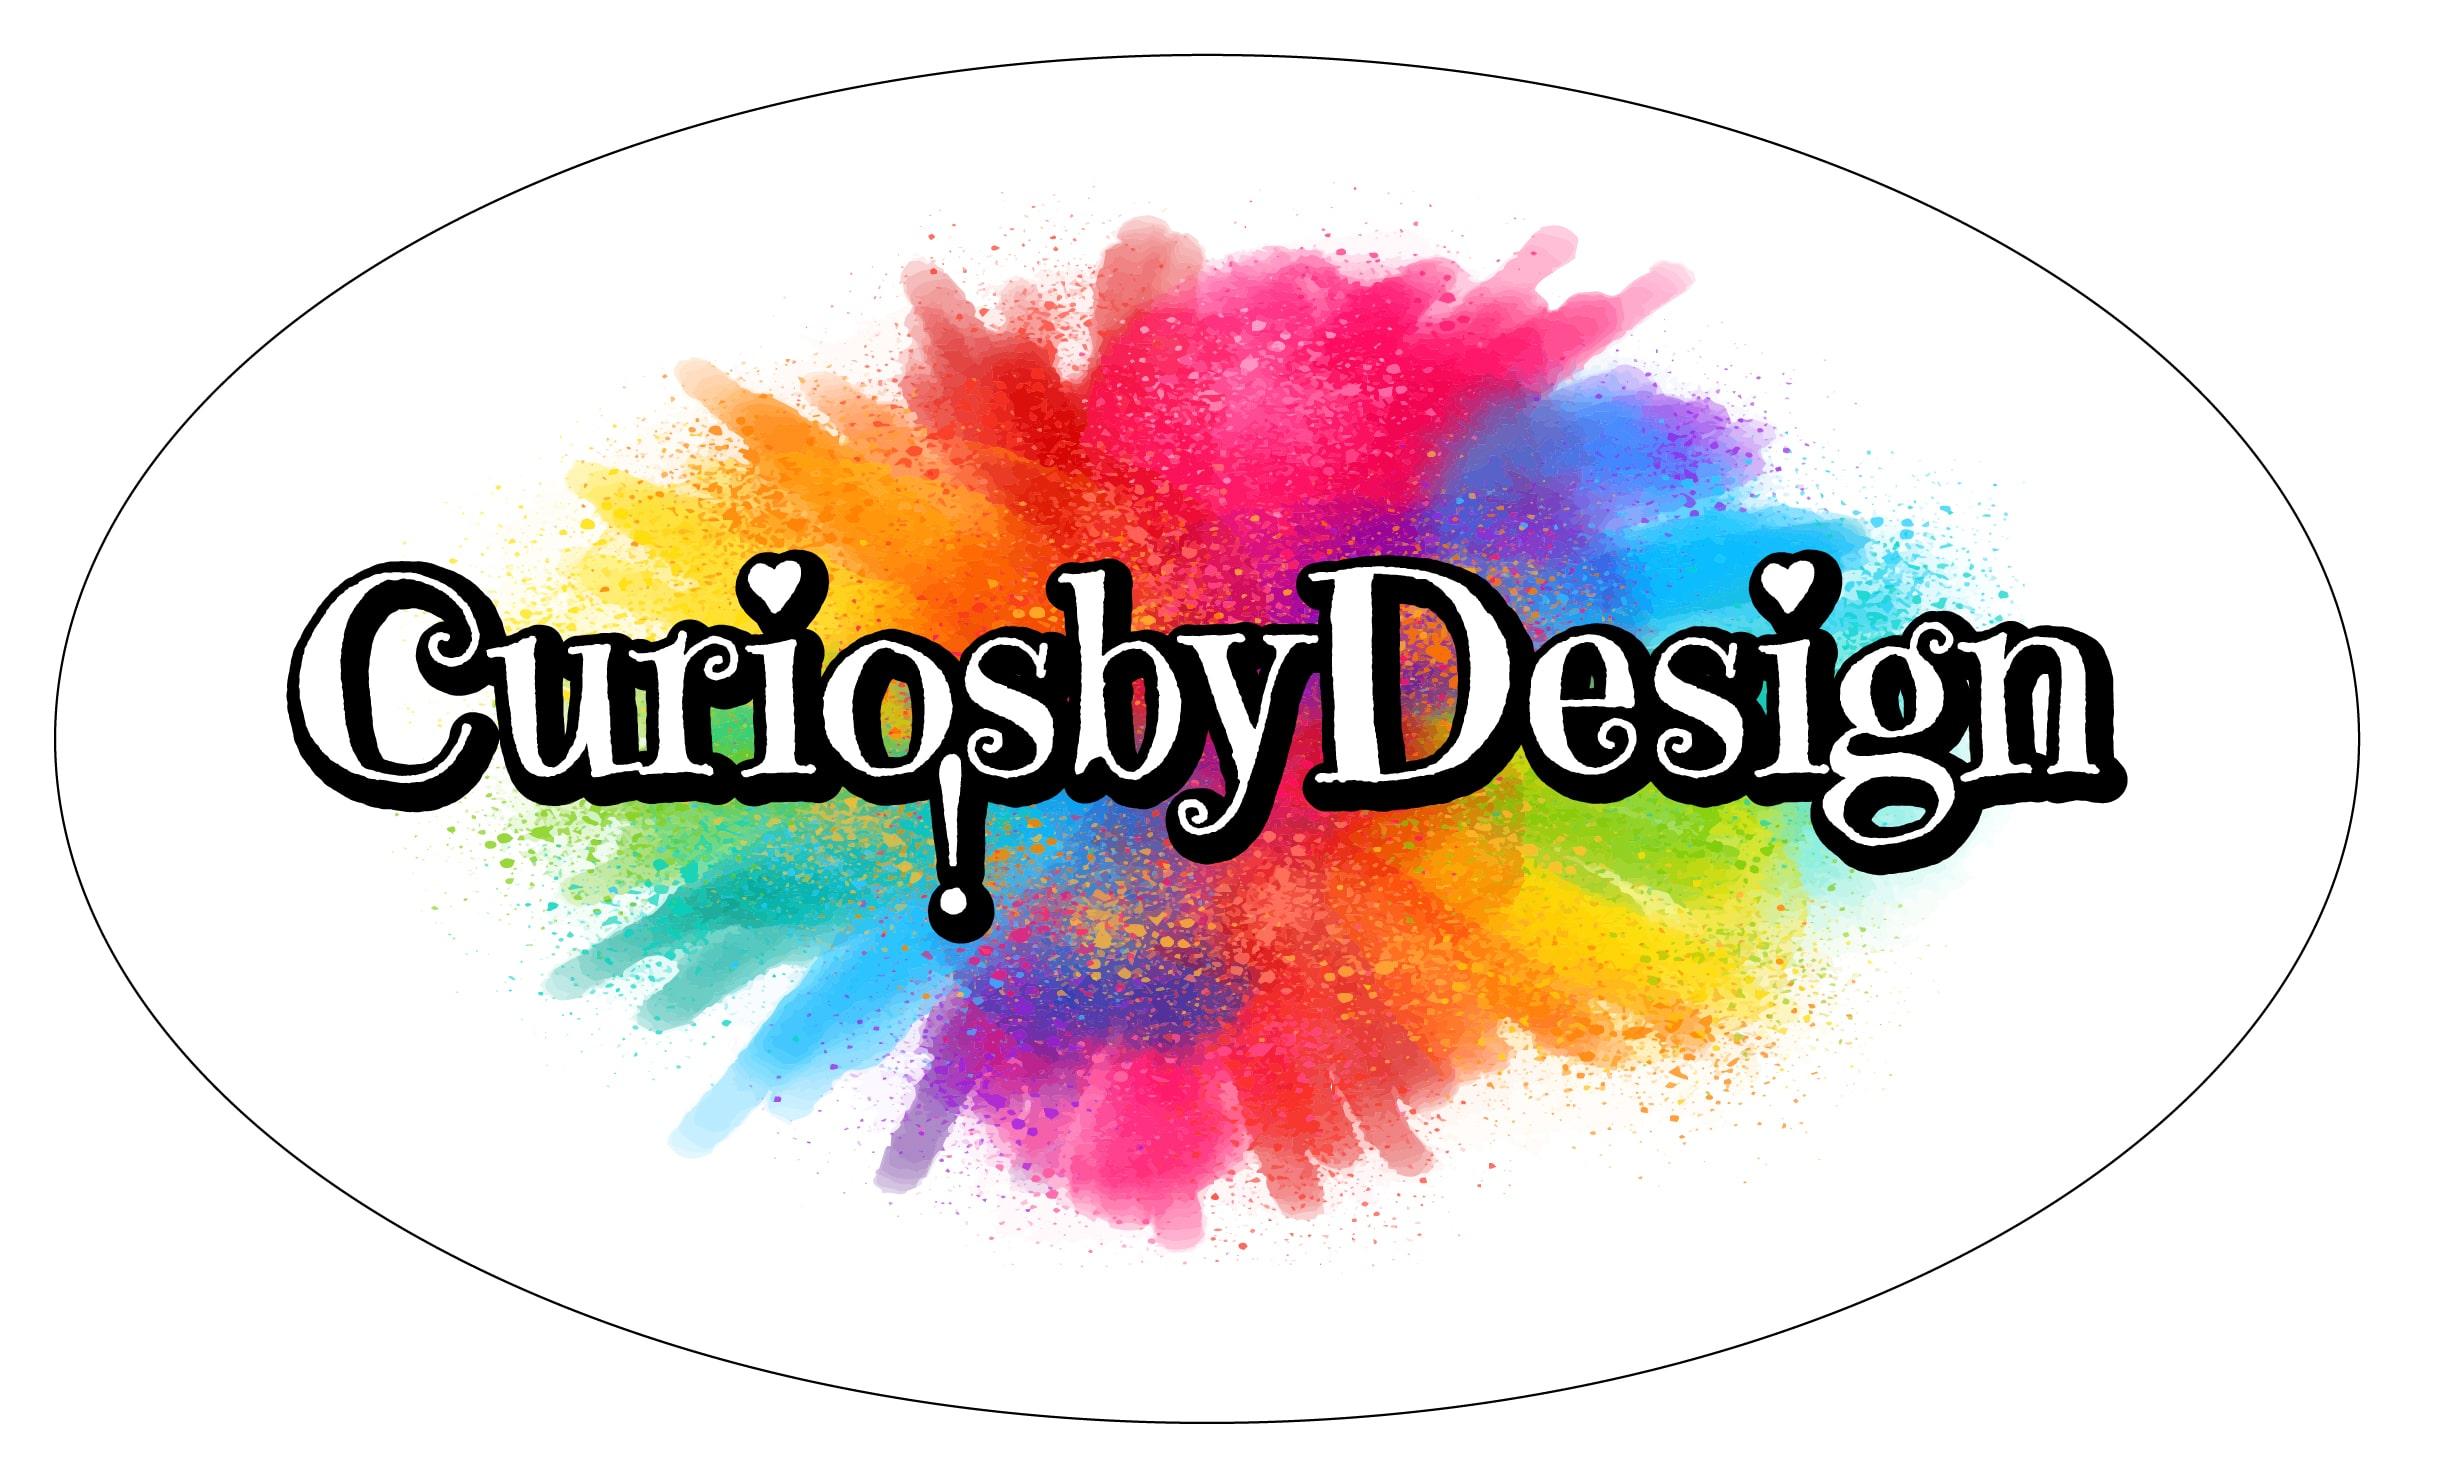 CuriosbyDesign